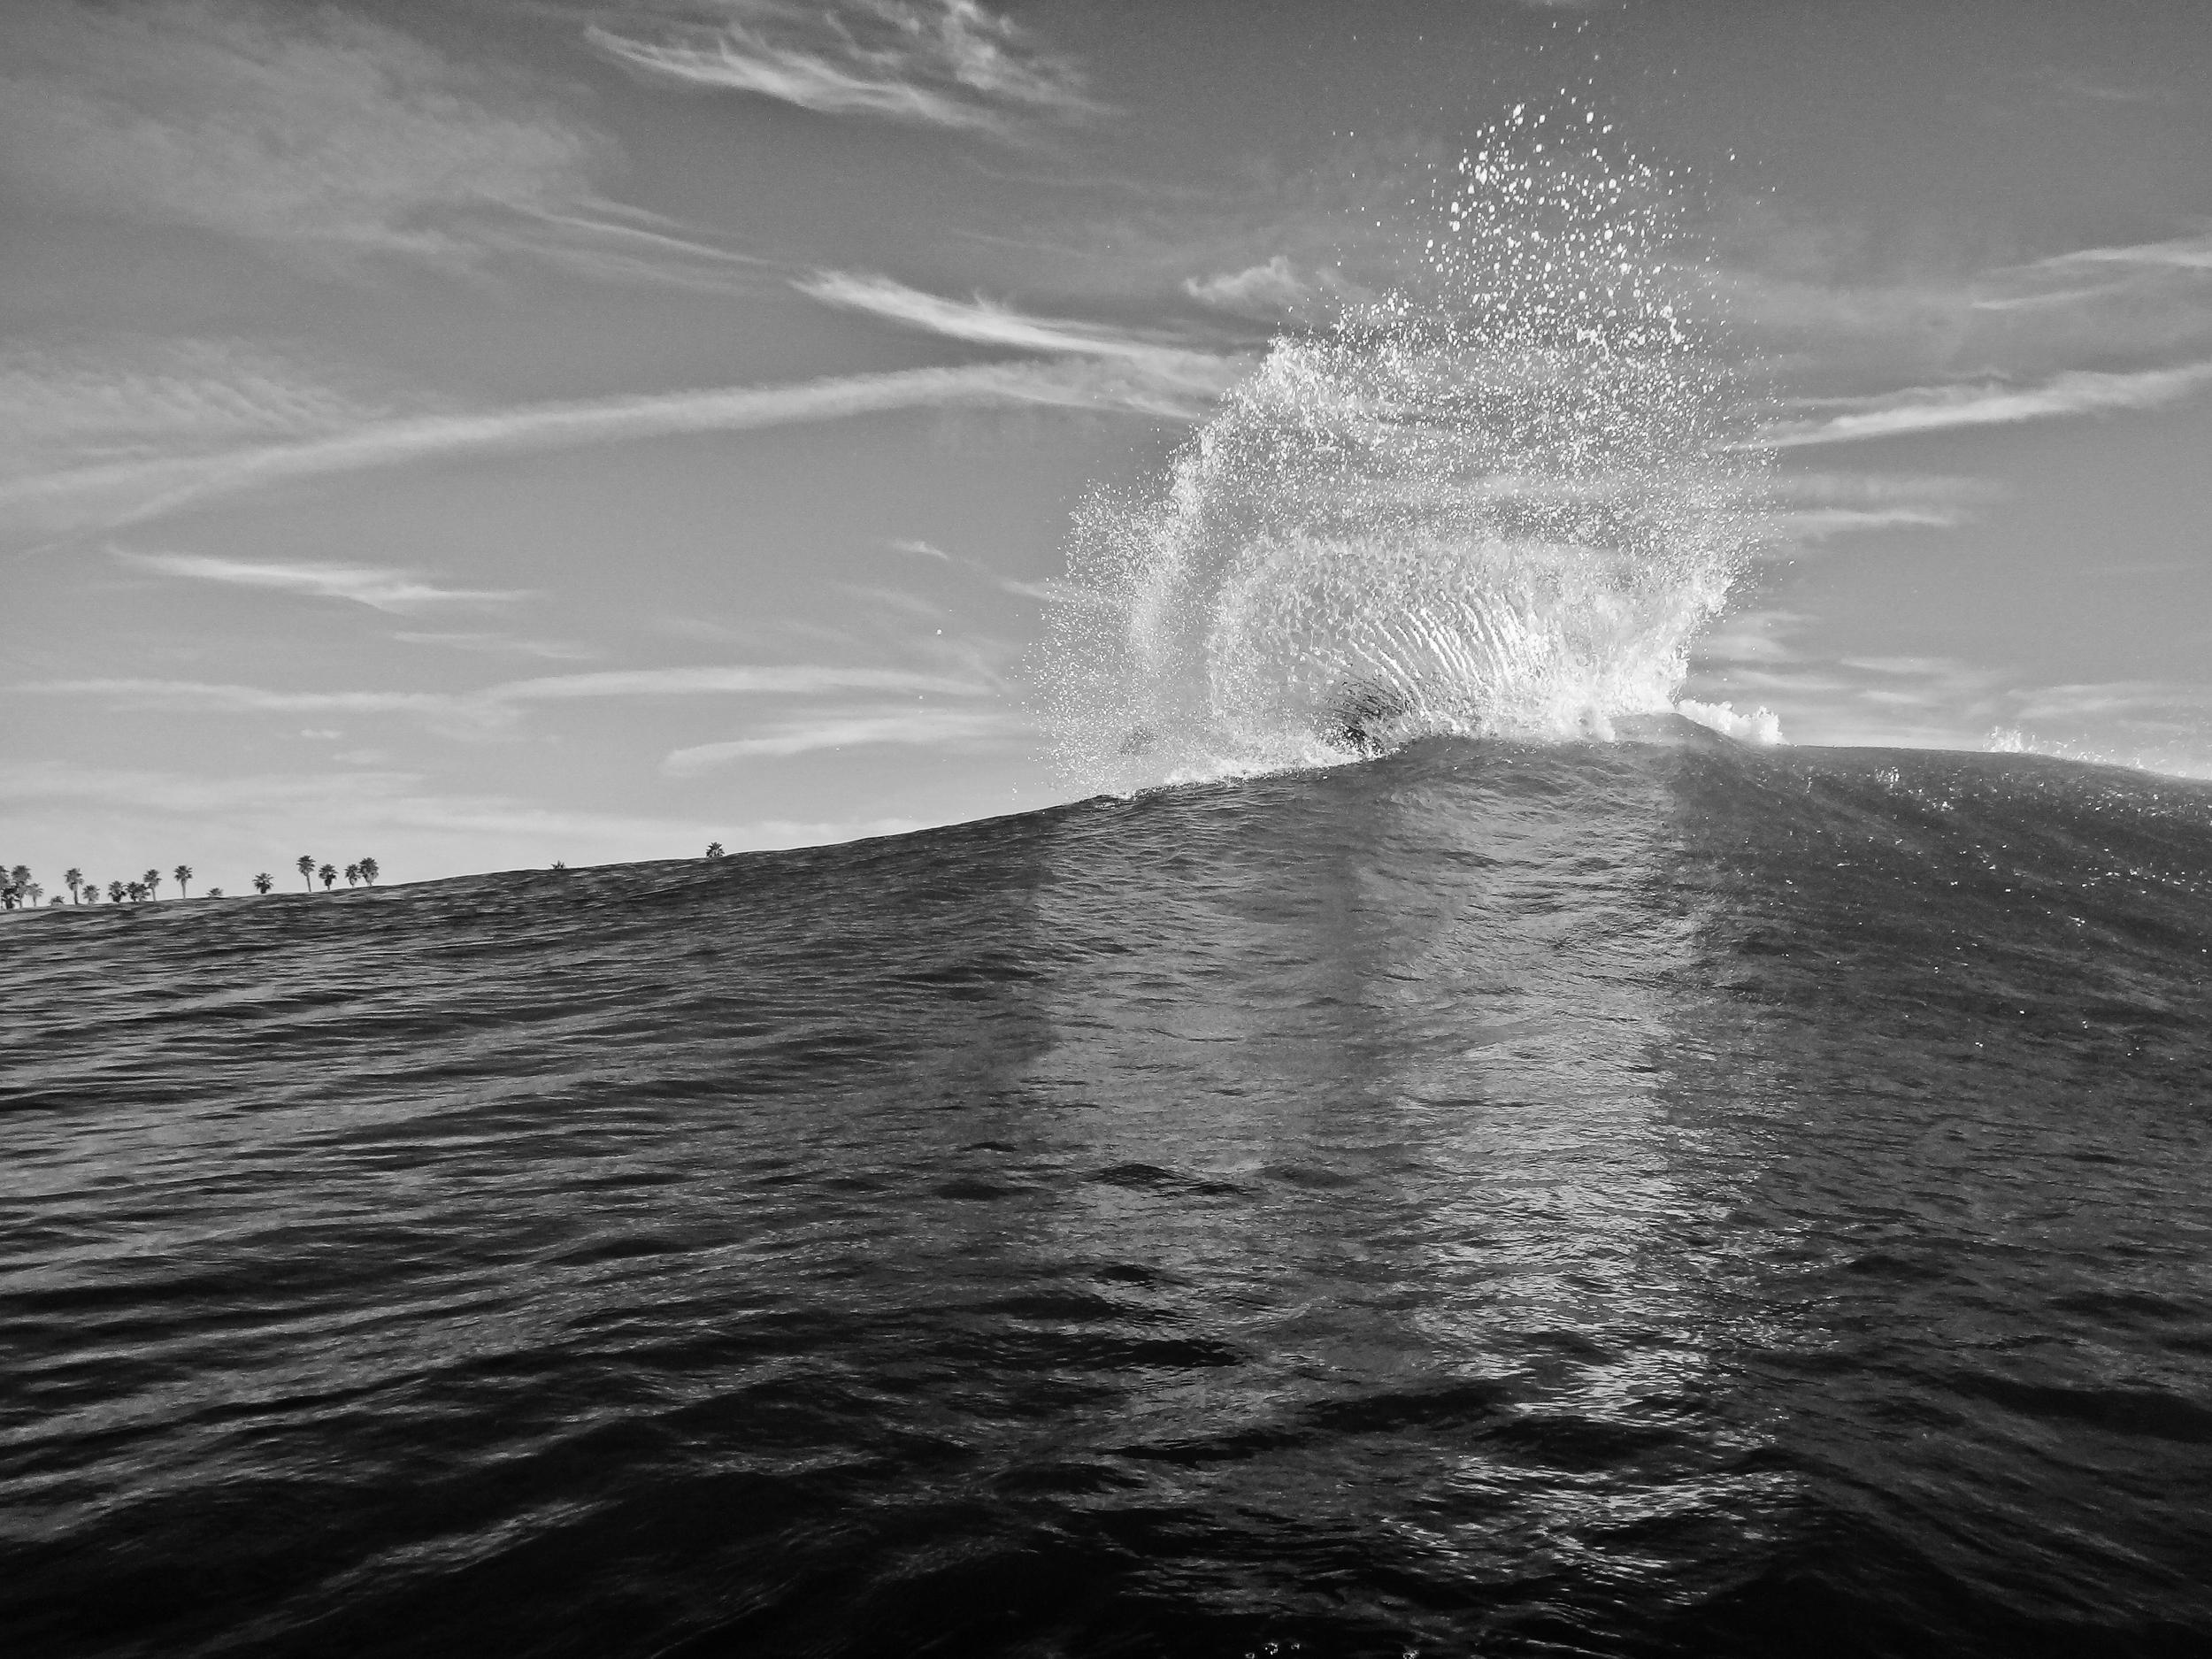 surfing_111226_001.jpg